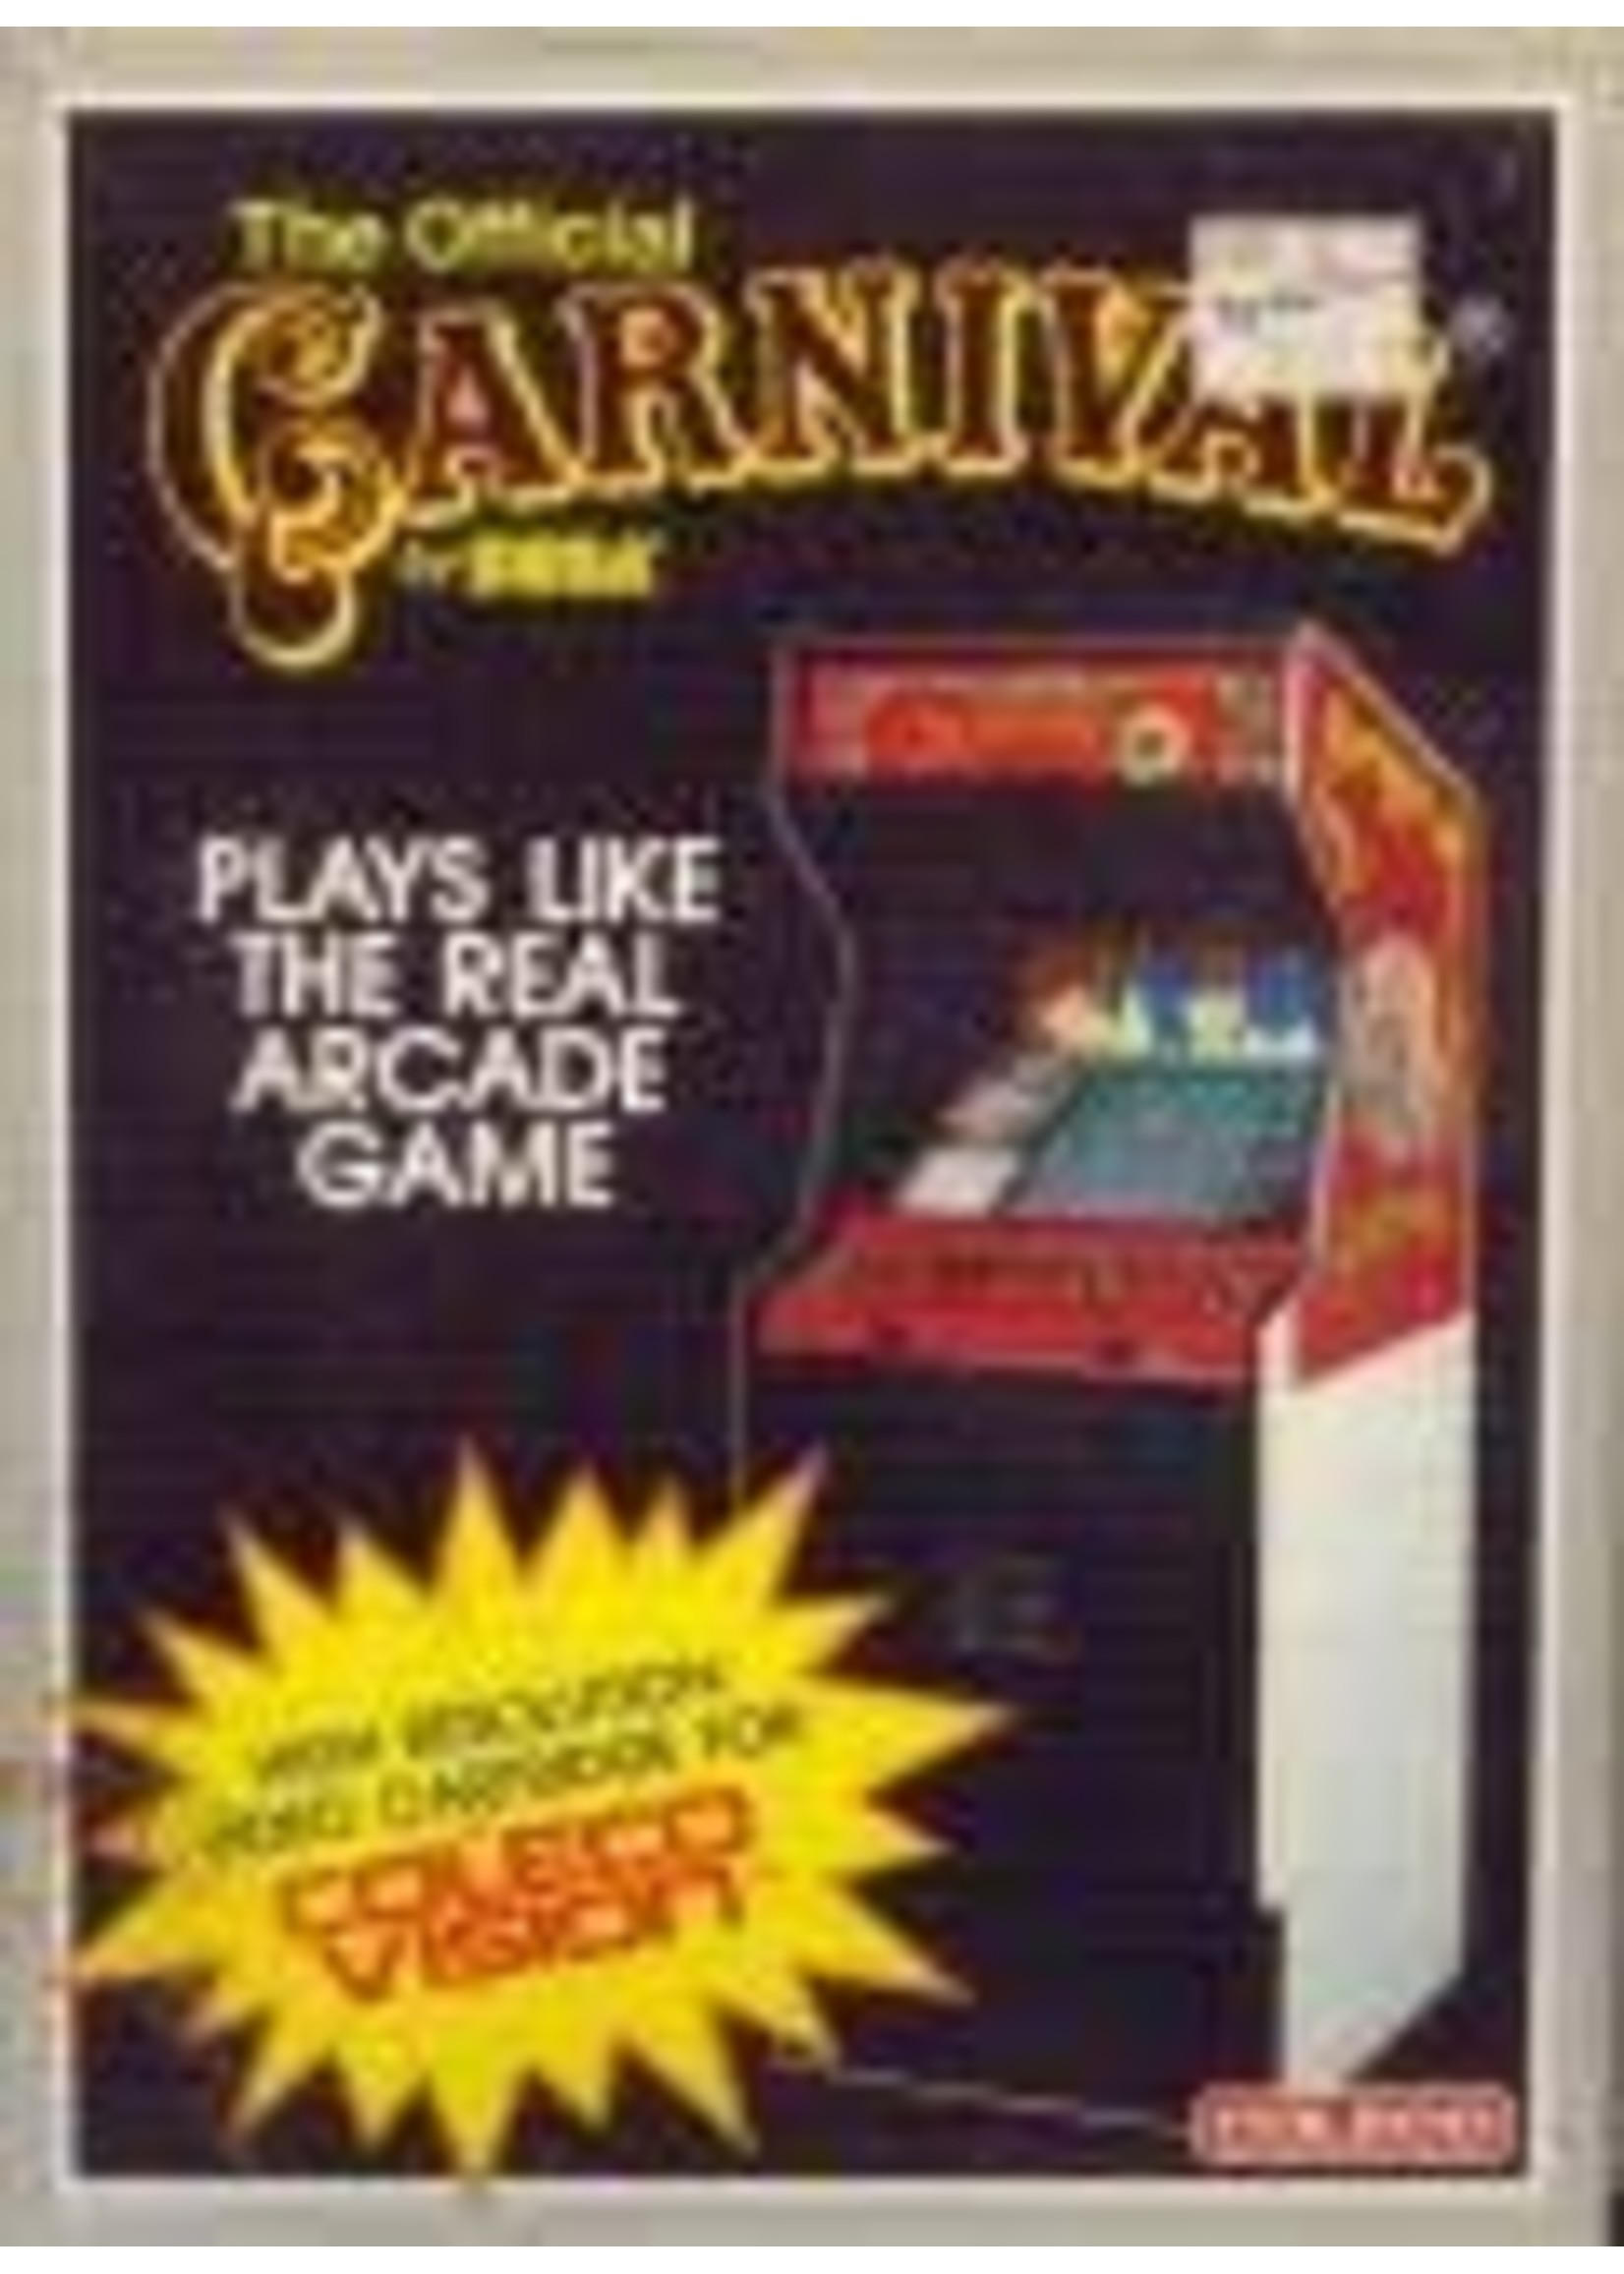 Carnival Colecovision